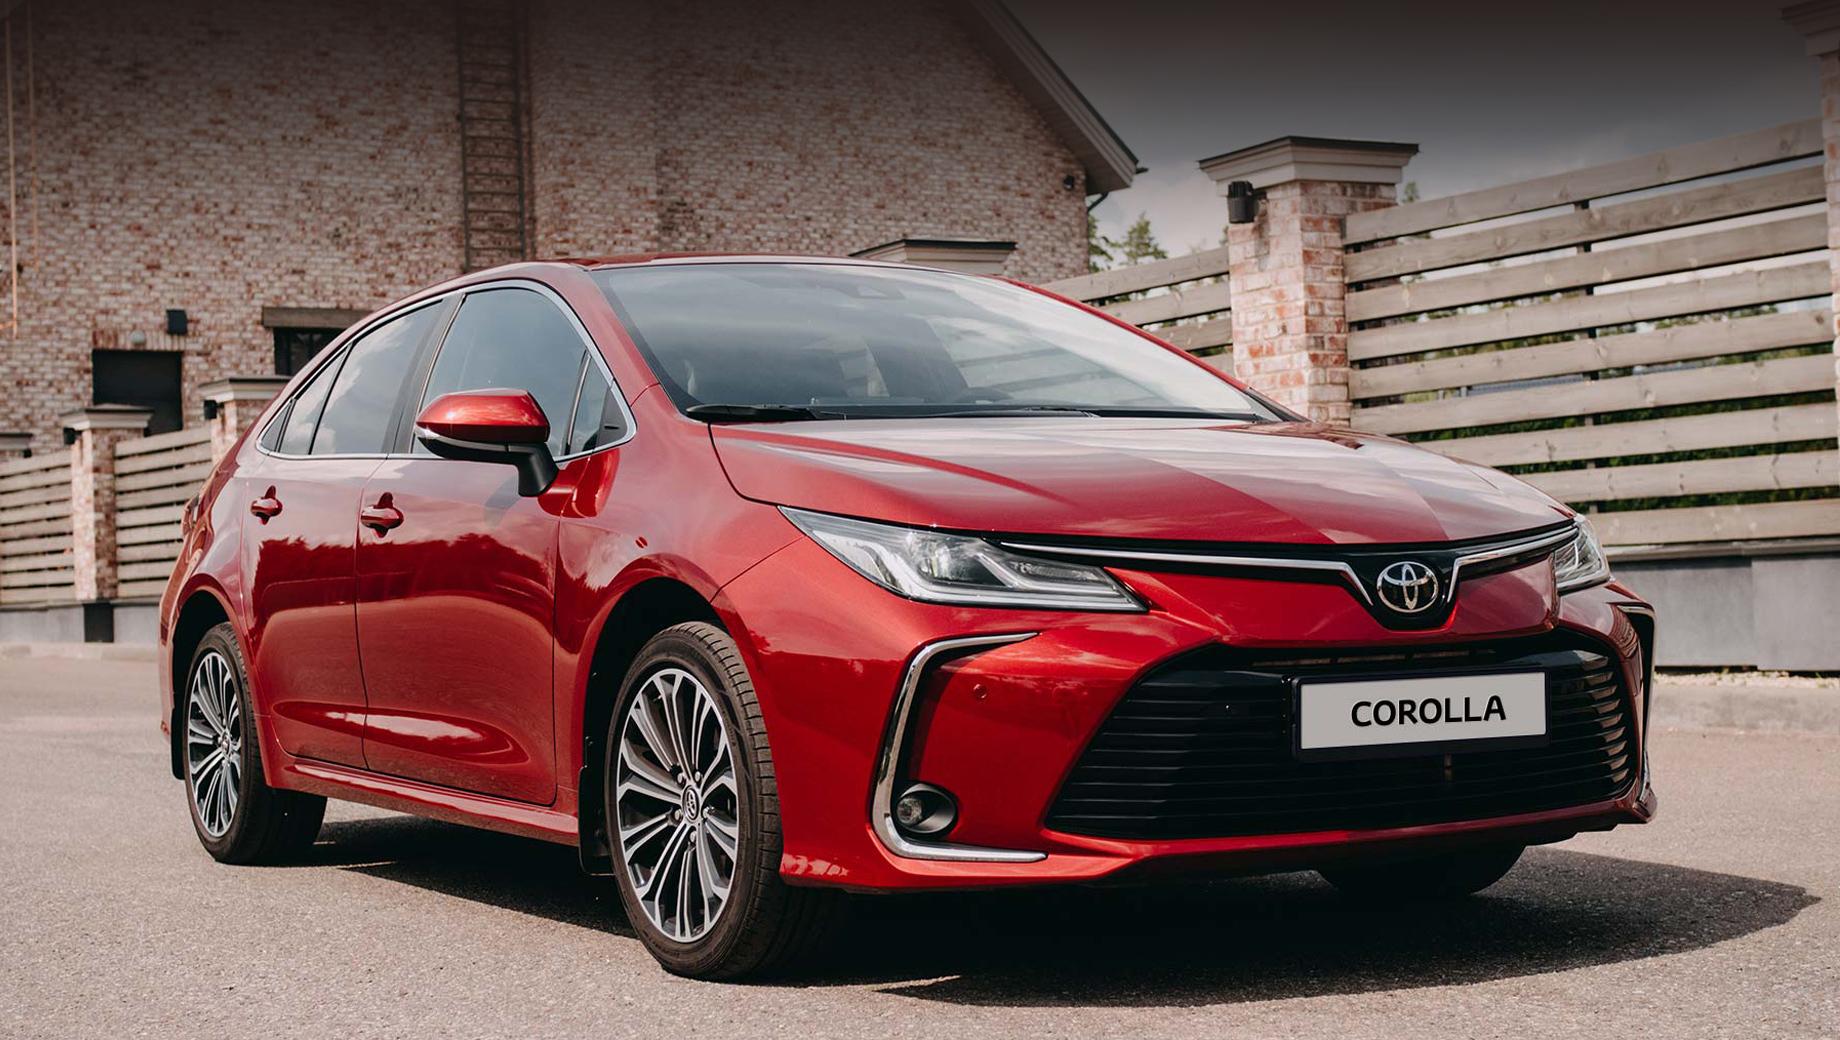 Toyota corolla. В минувшем году Corolla нашла в России 4684 покупателя (4408 из них приобрели машину нового поколения), что на 10% меньше, чем в 2018-м. Между тем производитель сообщает: «По итогам 2019 года Toyota Corolla с результатом 1 236 380 экземпляров стала самым продаваемым автомобилем планеты».